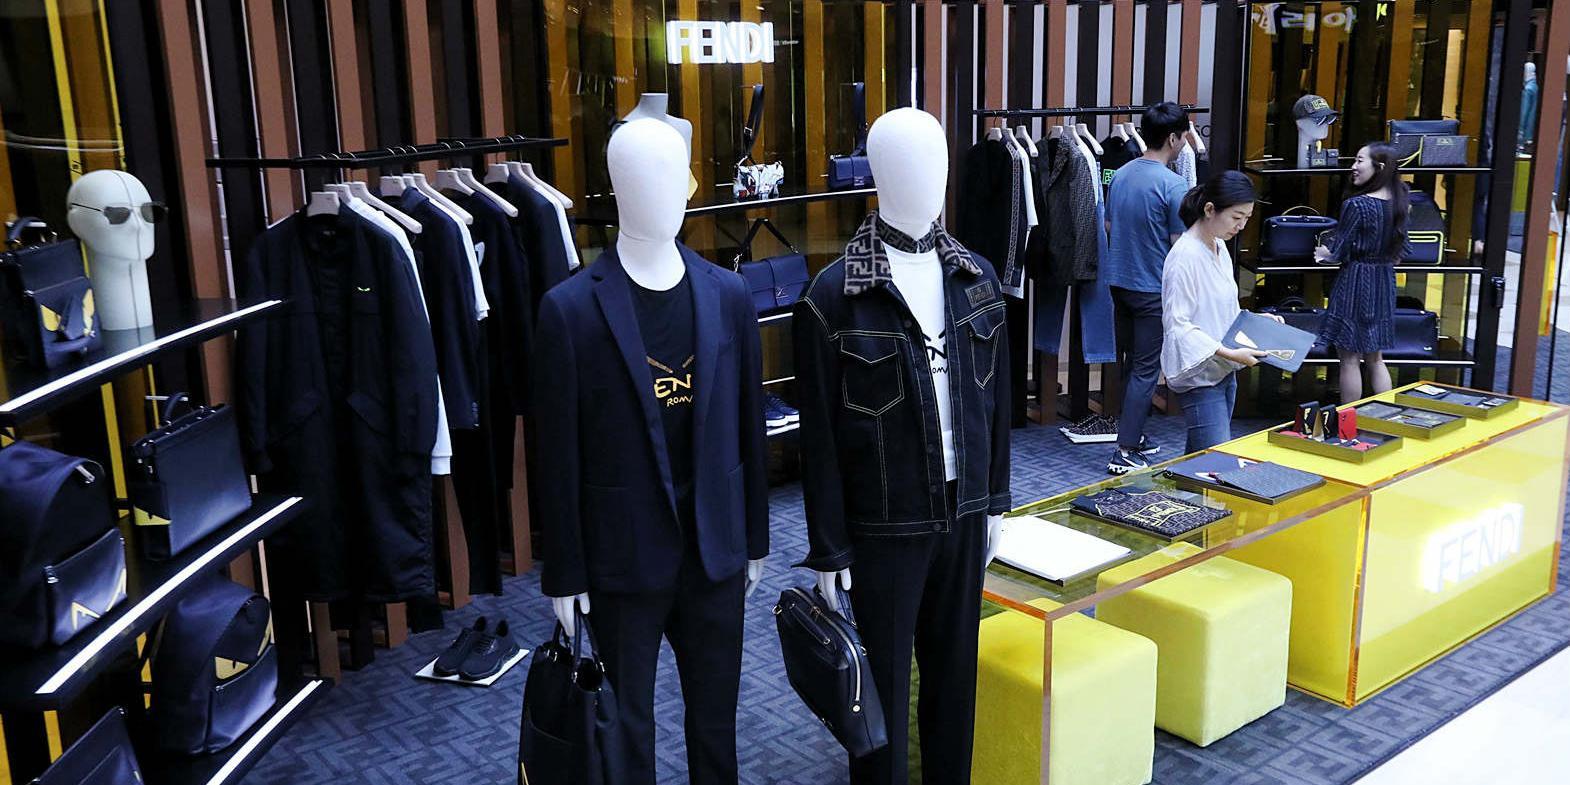 2030세대 남성이 패션에 눈을 떴다, 백화점3사 '남성전문관' 확장